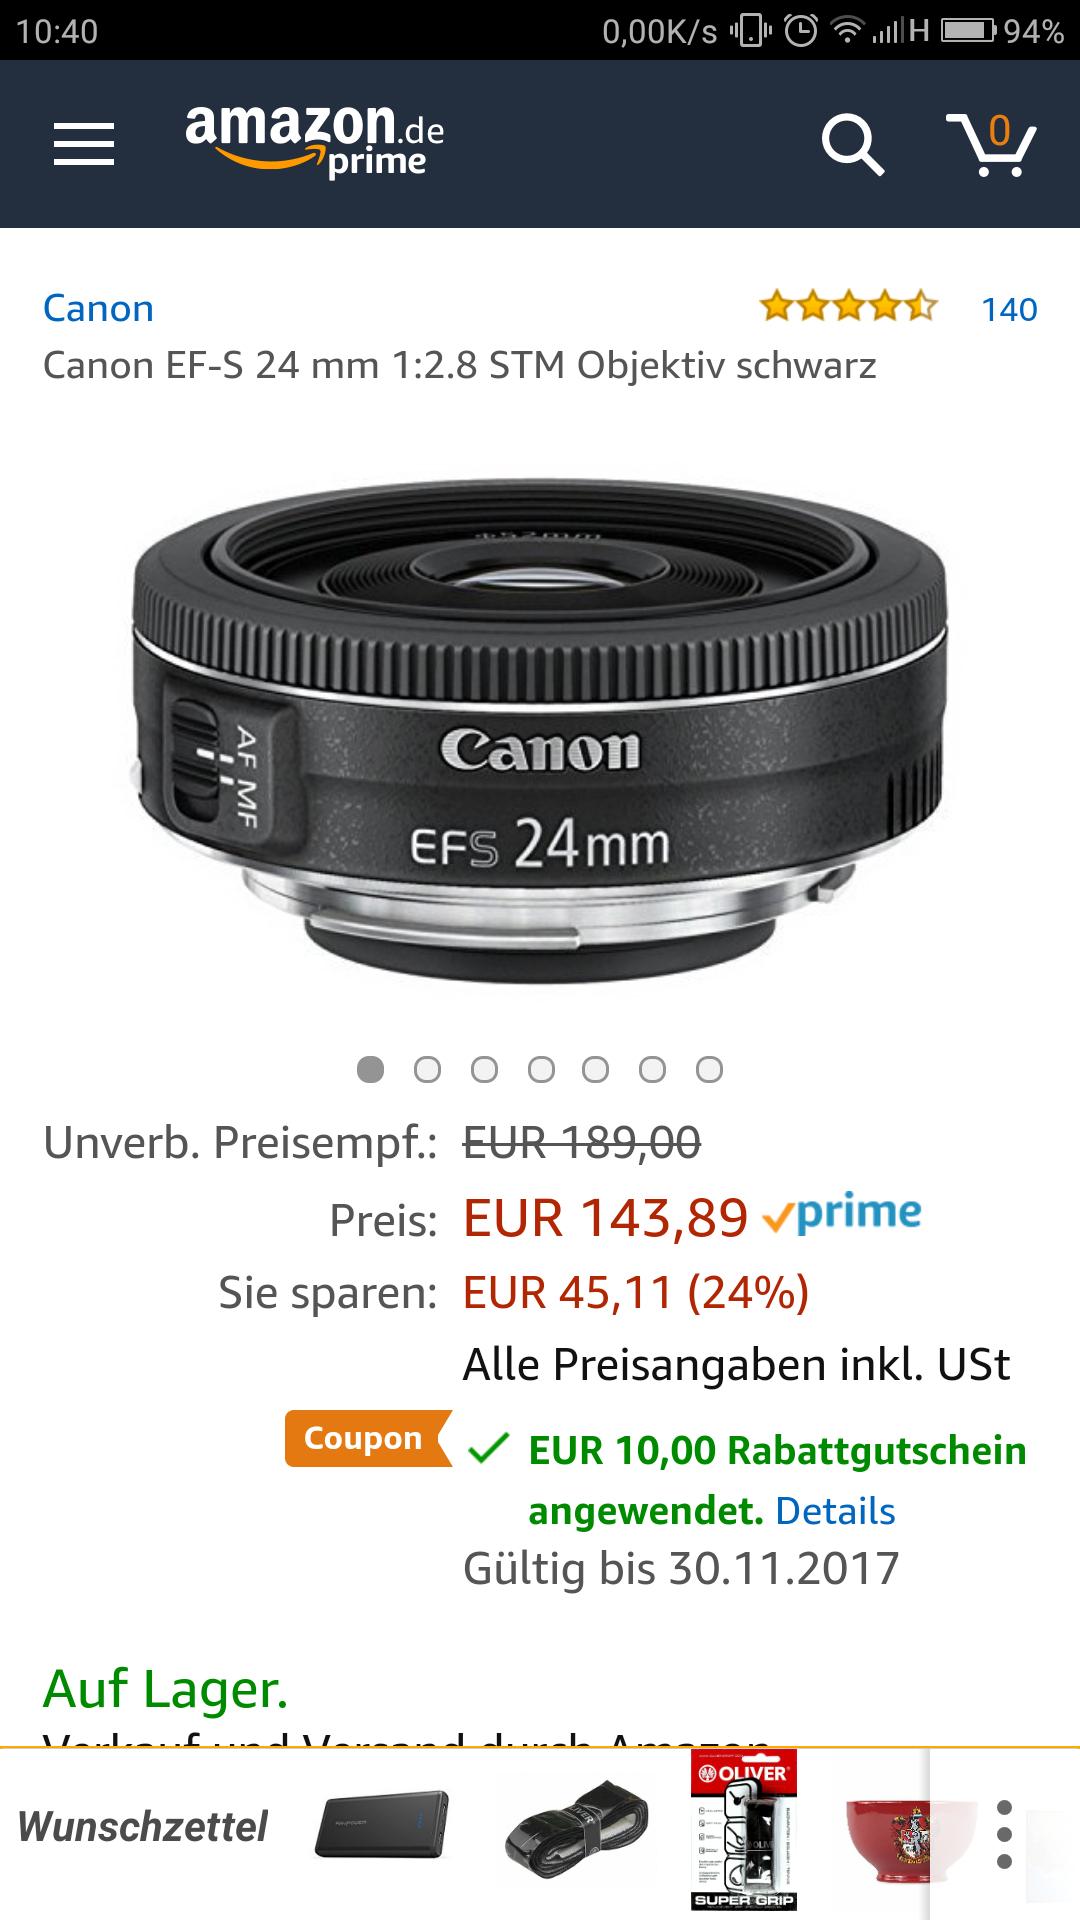 Amazon - Canon EF-S 24mm Festbrennweite für APSC-Sensoren Spiegelreflexkameras